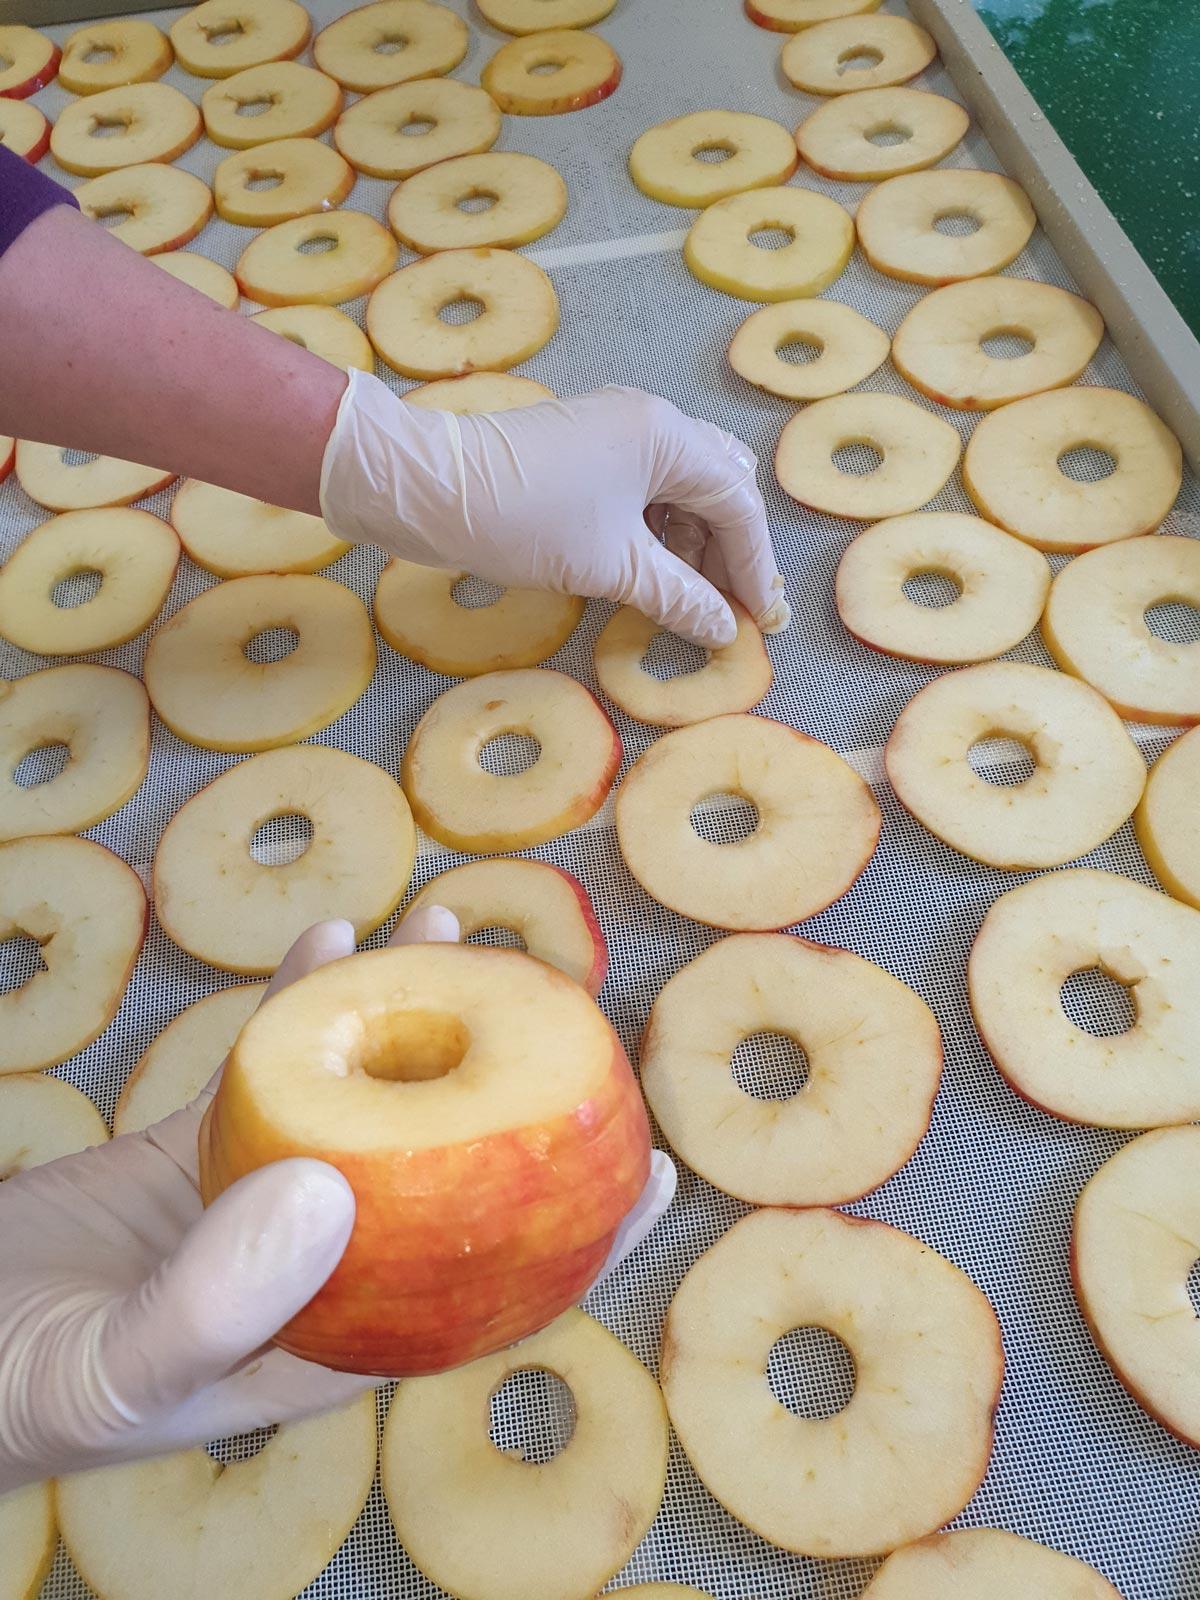 Apfelringe werden zur Trocknung auf ein Blech gelegt